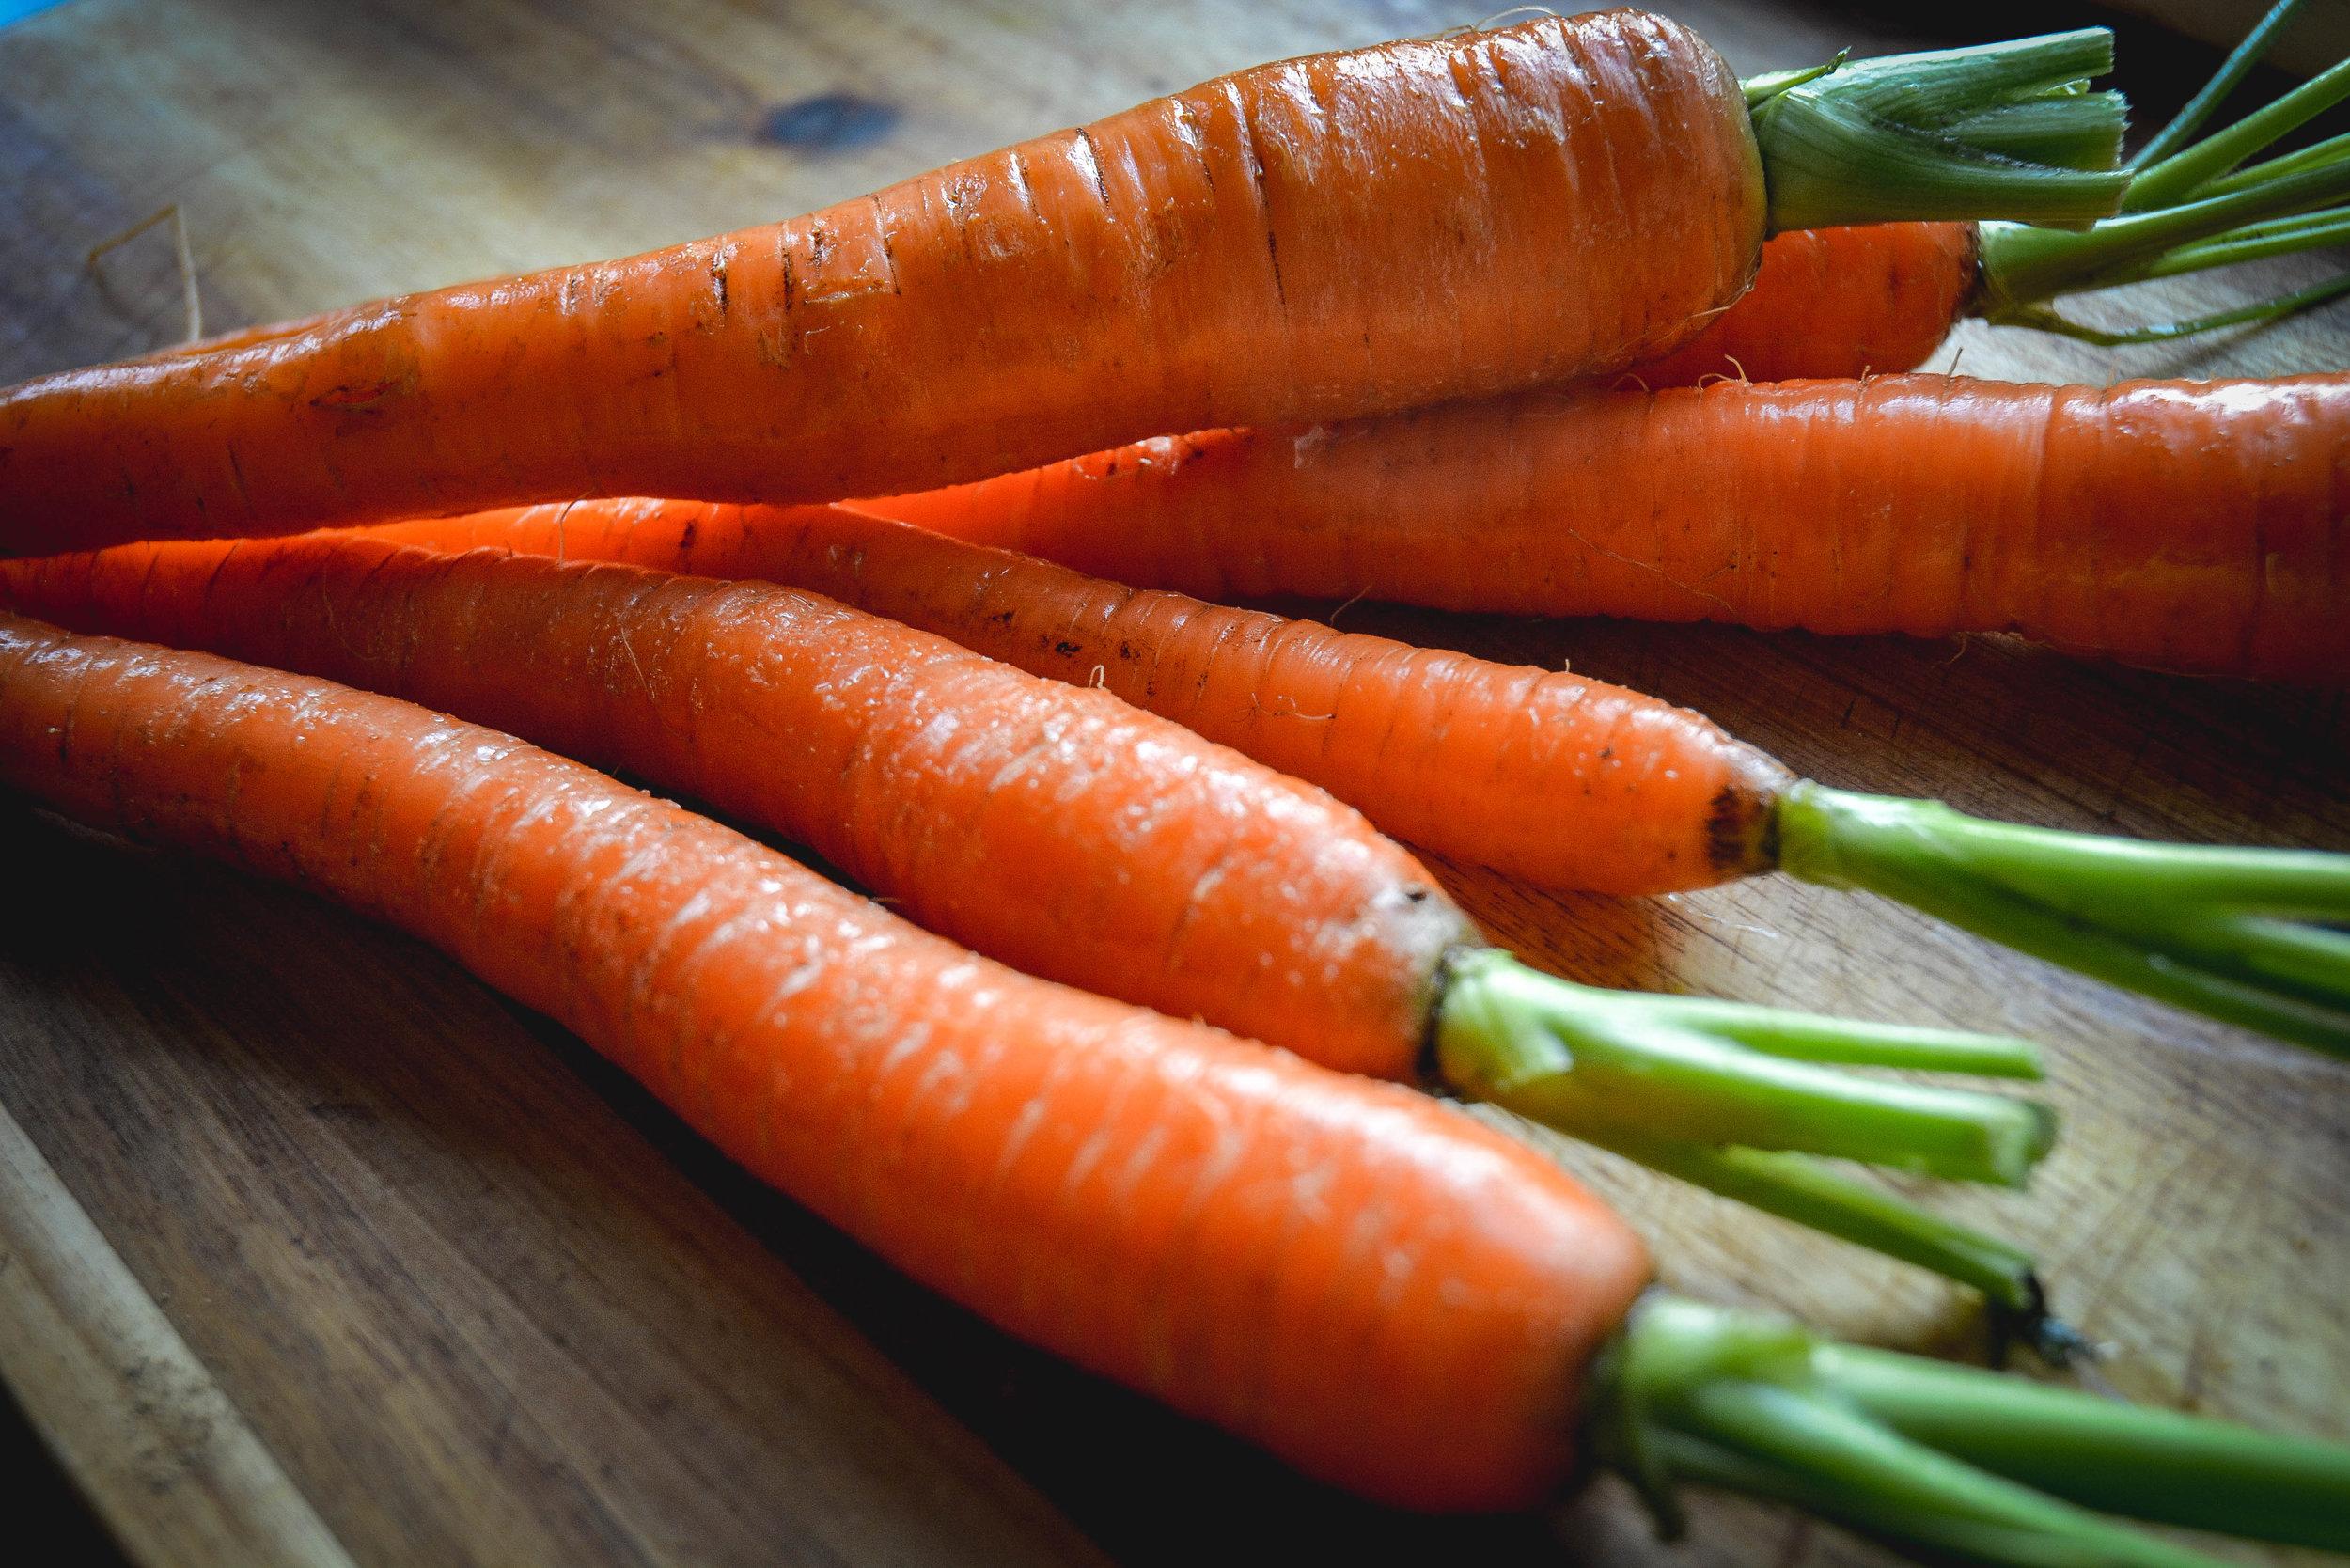 carrots for soup (1 of 3).jpg